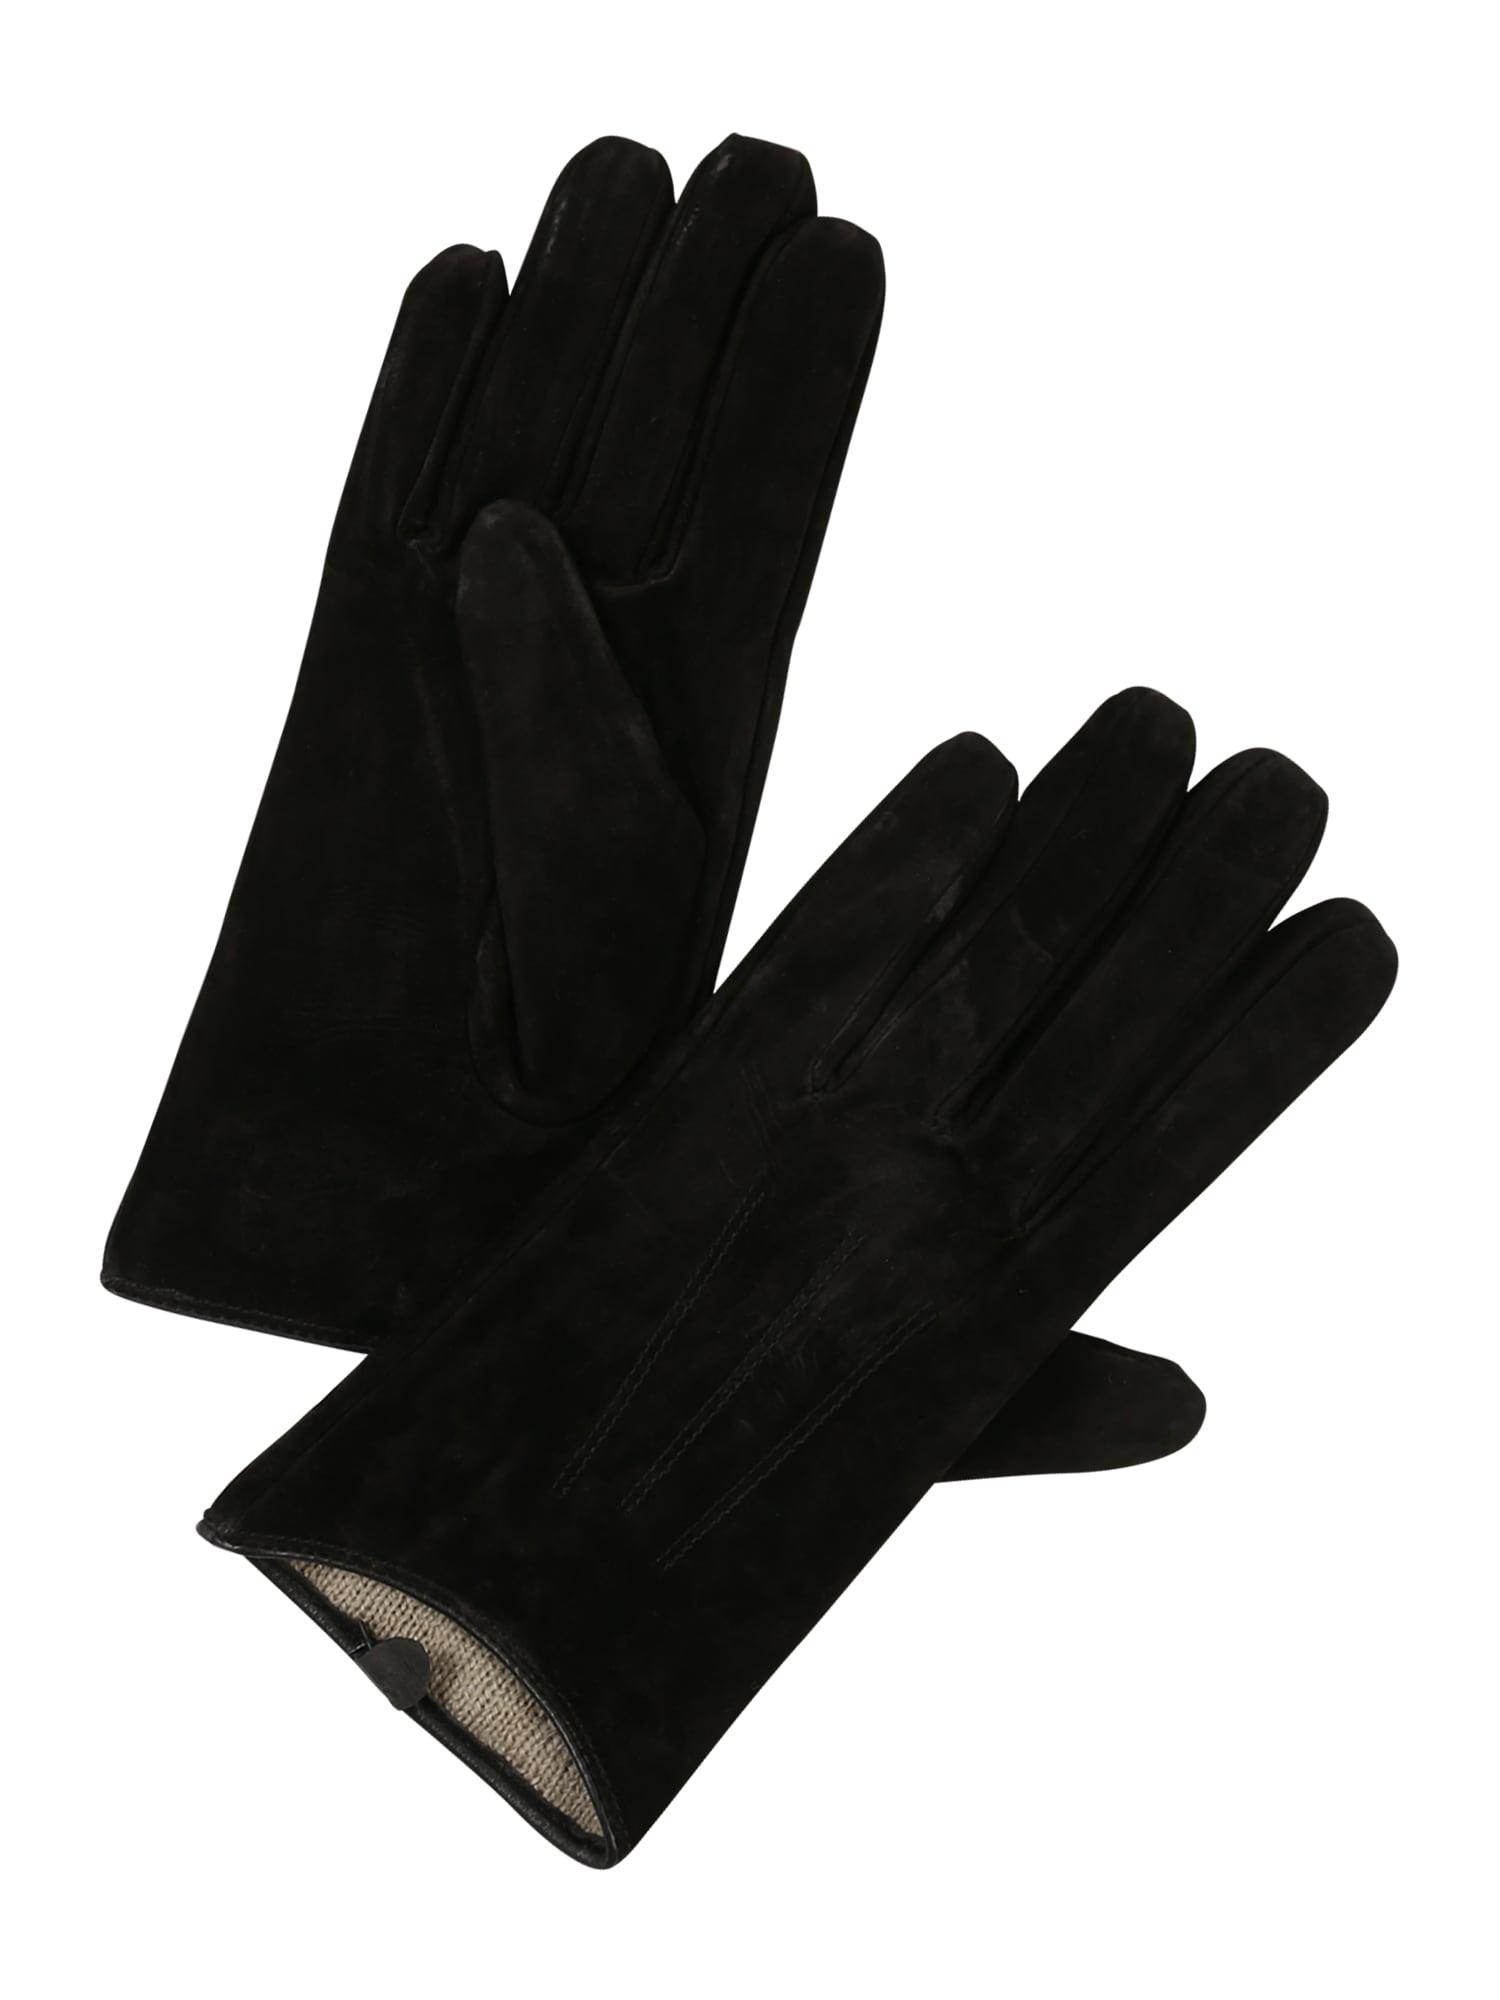 Lederhandschuh 'Christina'   Accessoires > Handschuhe > Lederhandschuhe   Barts